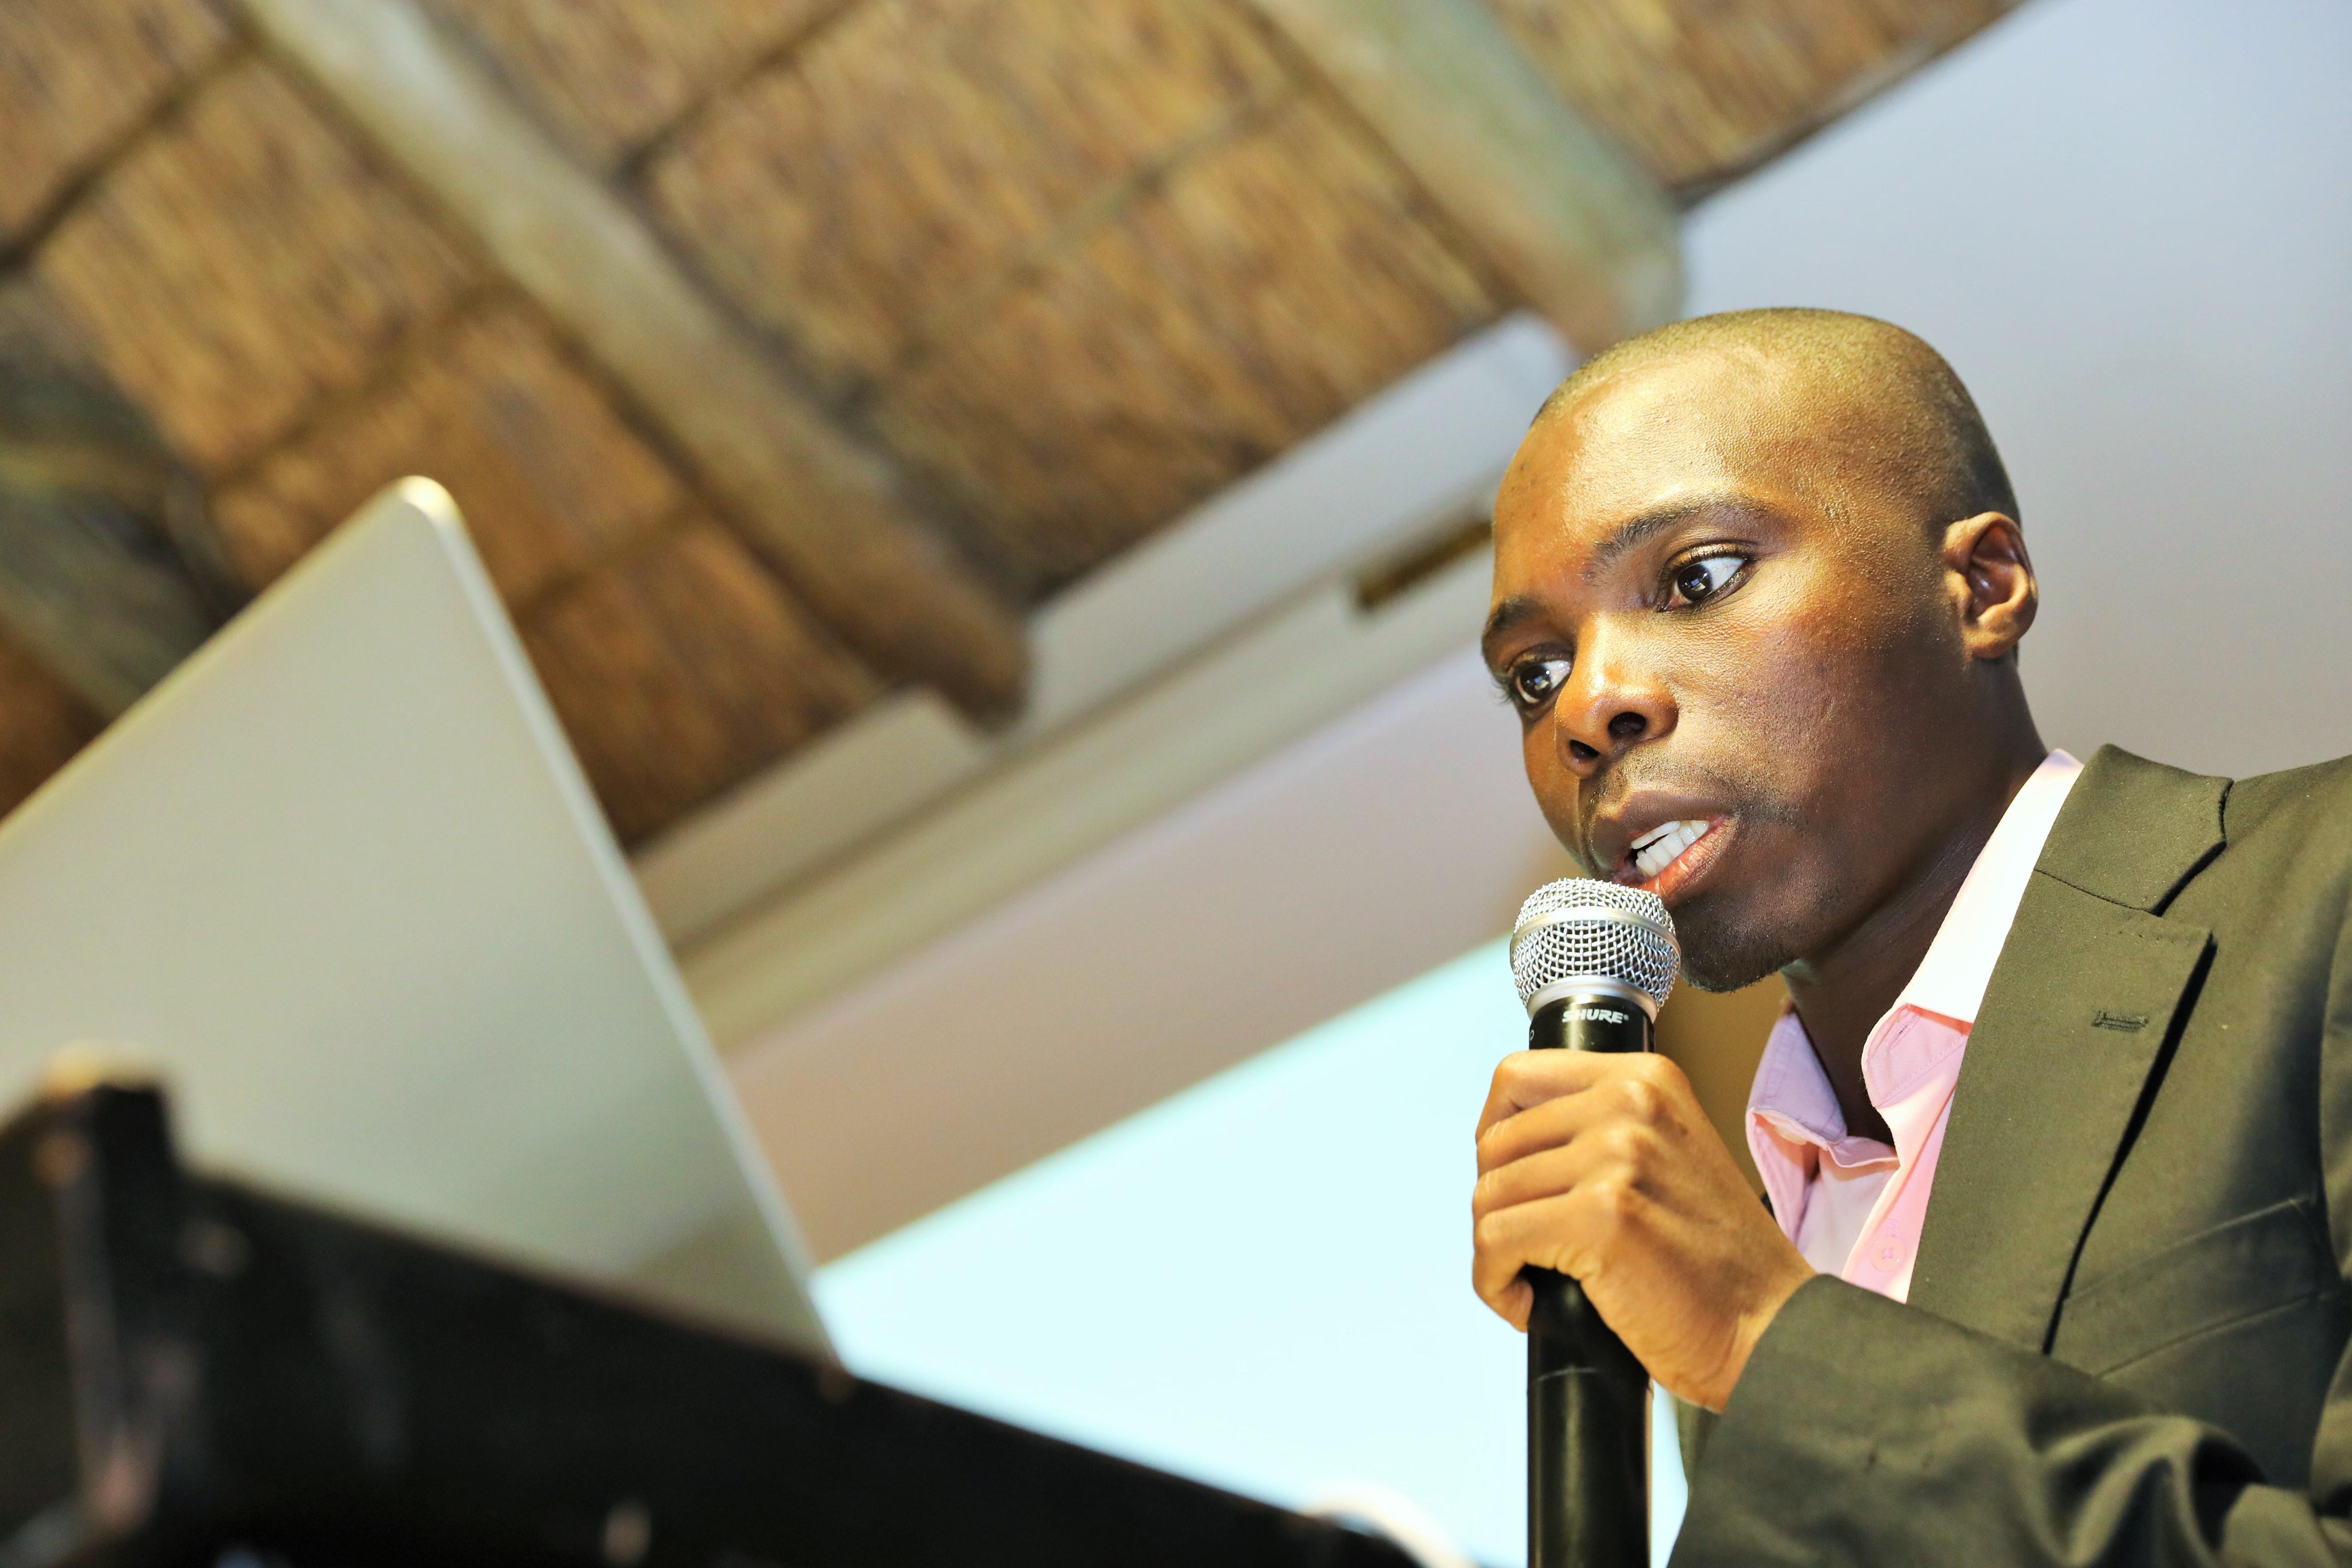 Friday Phiri Fra Zambia Fortalte, At Der Alene I Zambia Er 750.000 Kvadratkilometer Land, En Lille Befolkningstæthed Og Tilstrækkelig Nedbør.